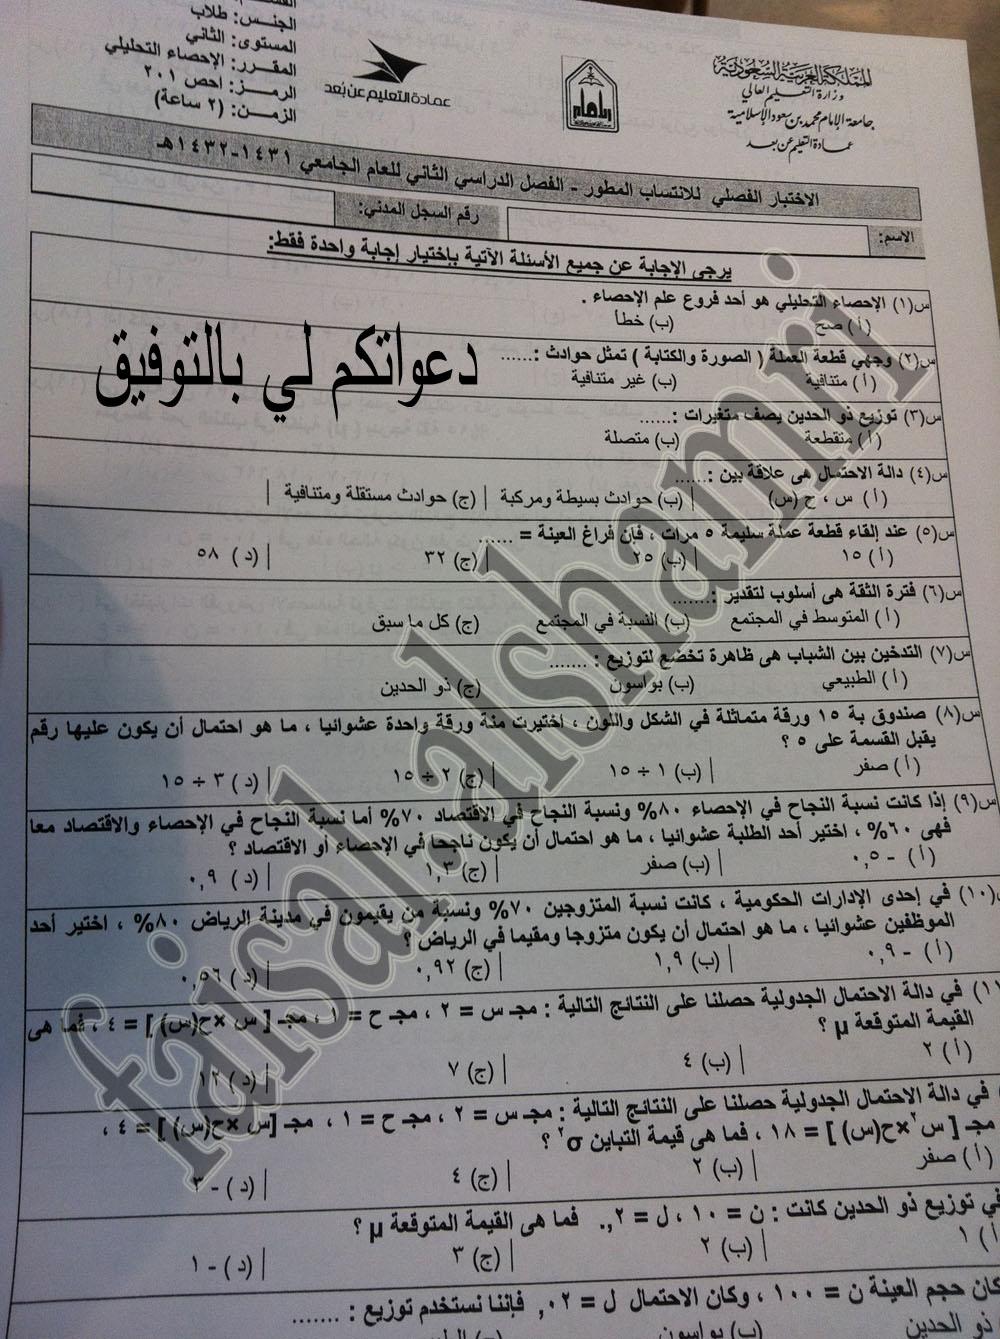 كتاب مبادئ الاقتصاد الجزئي سعود المطير pdf